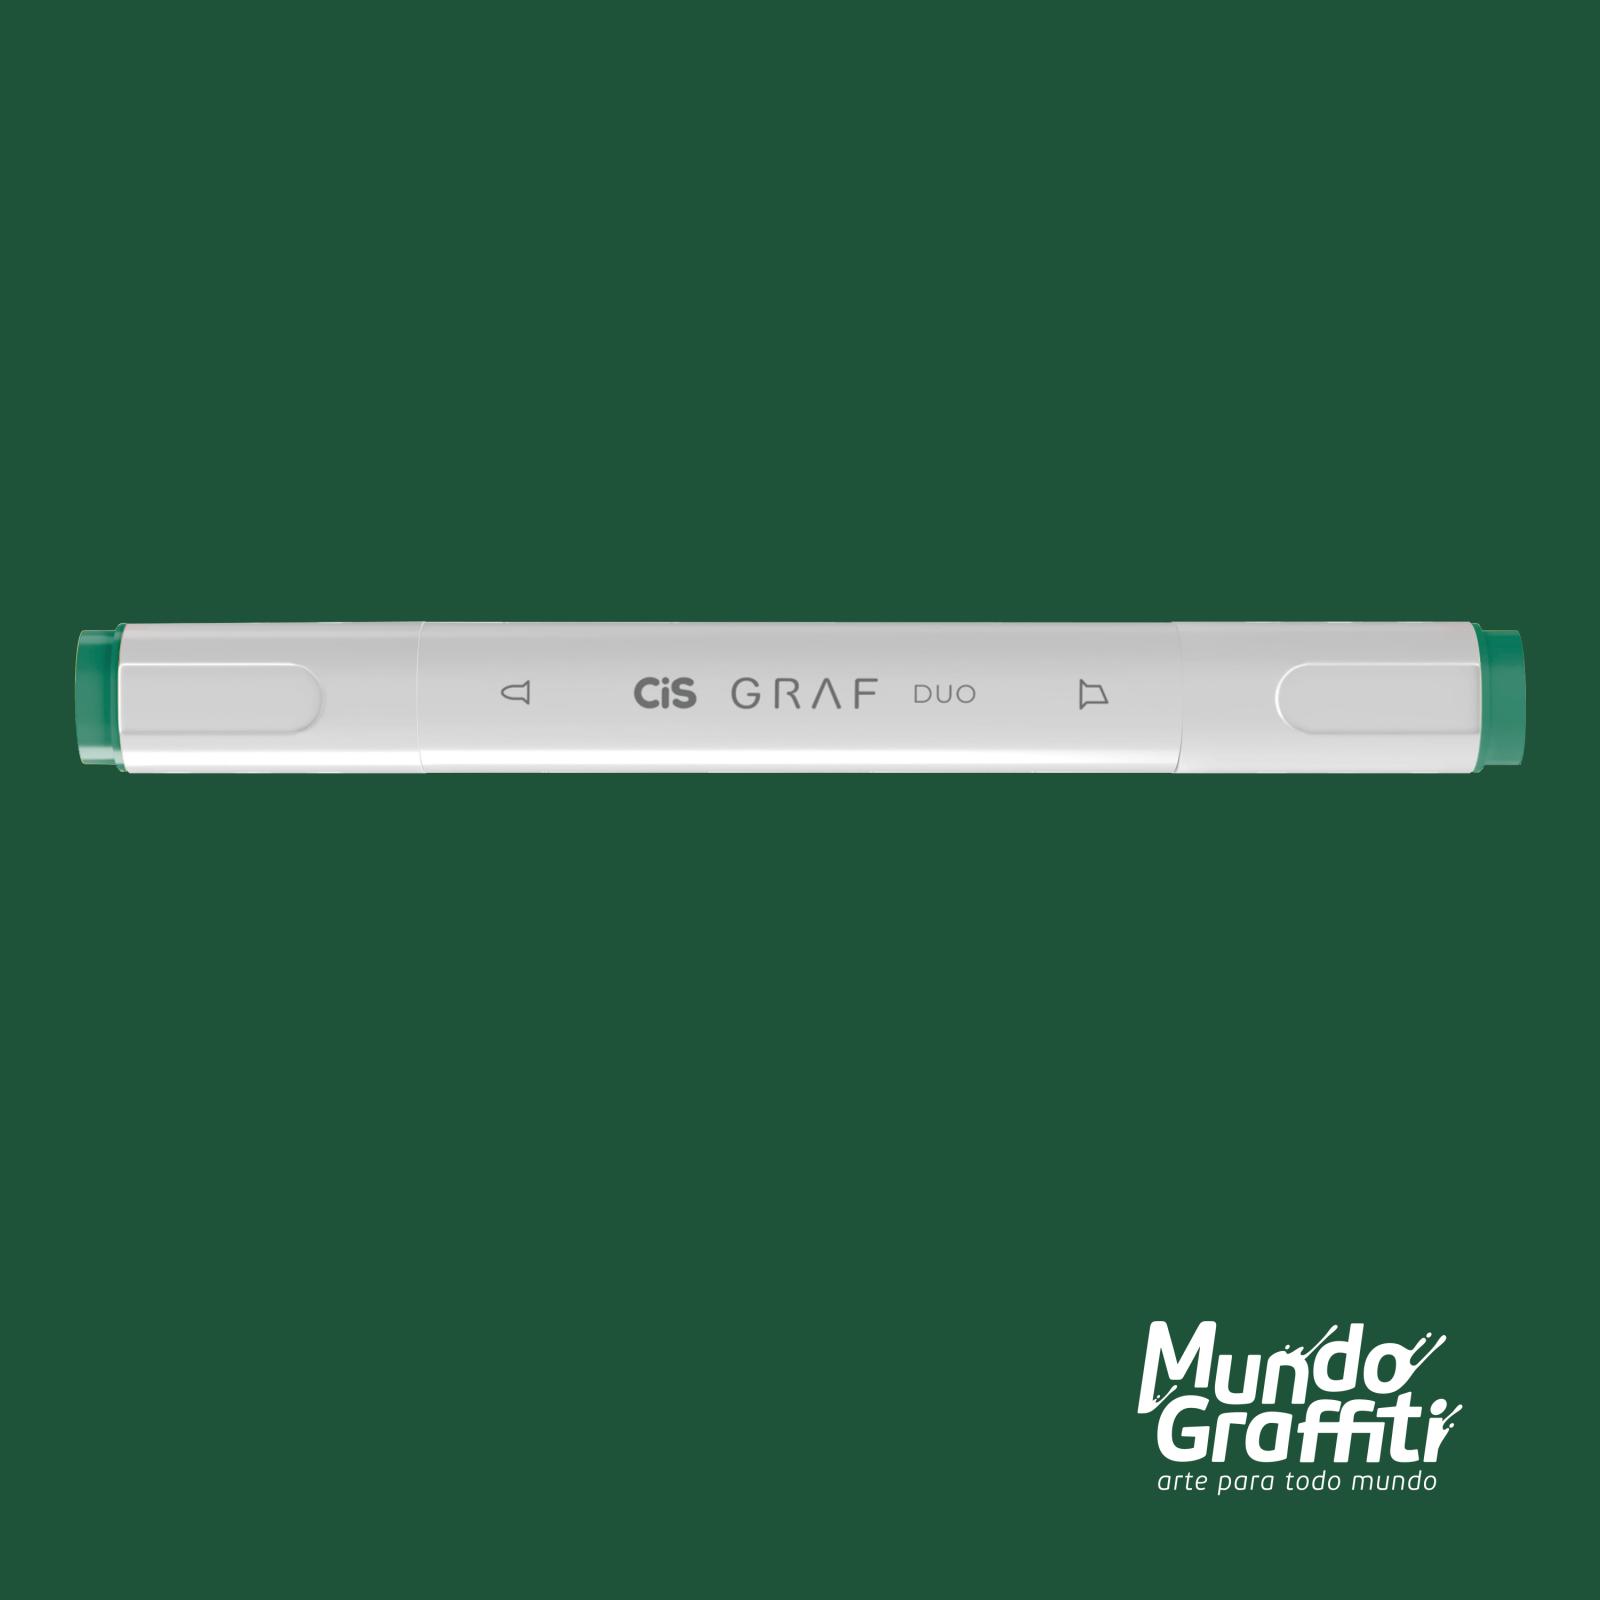 Marcador Cis Graf Duo Forest Green 50 - Mundo Graffiti